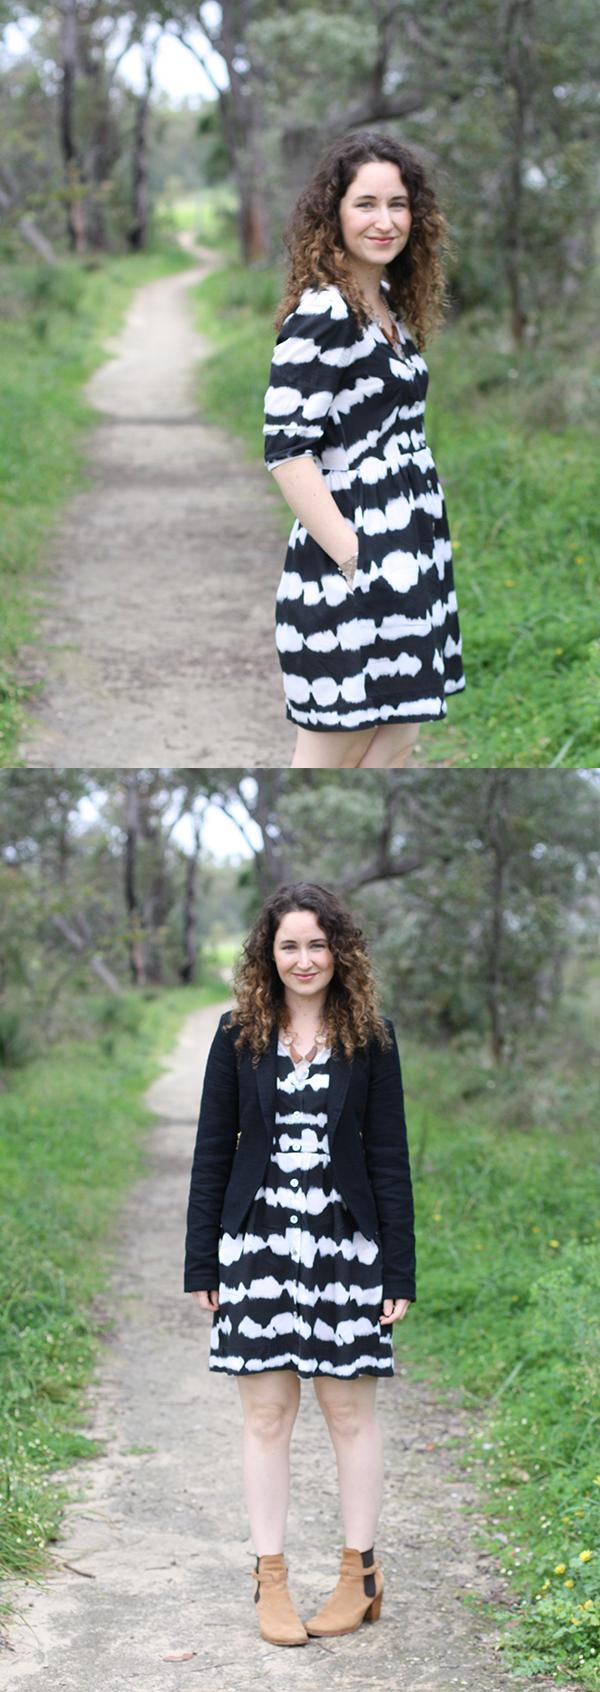 inked darling // Megan Nielsen Design Diary